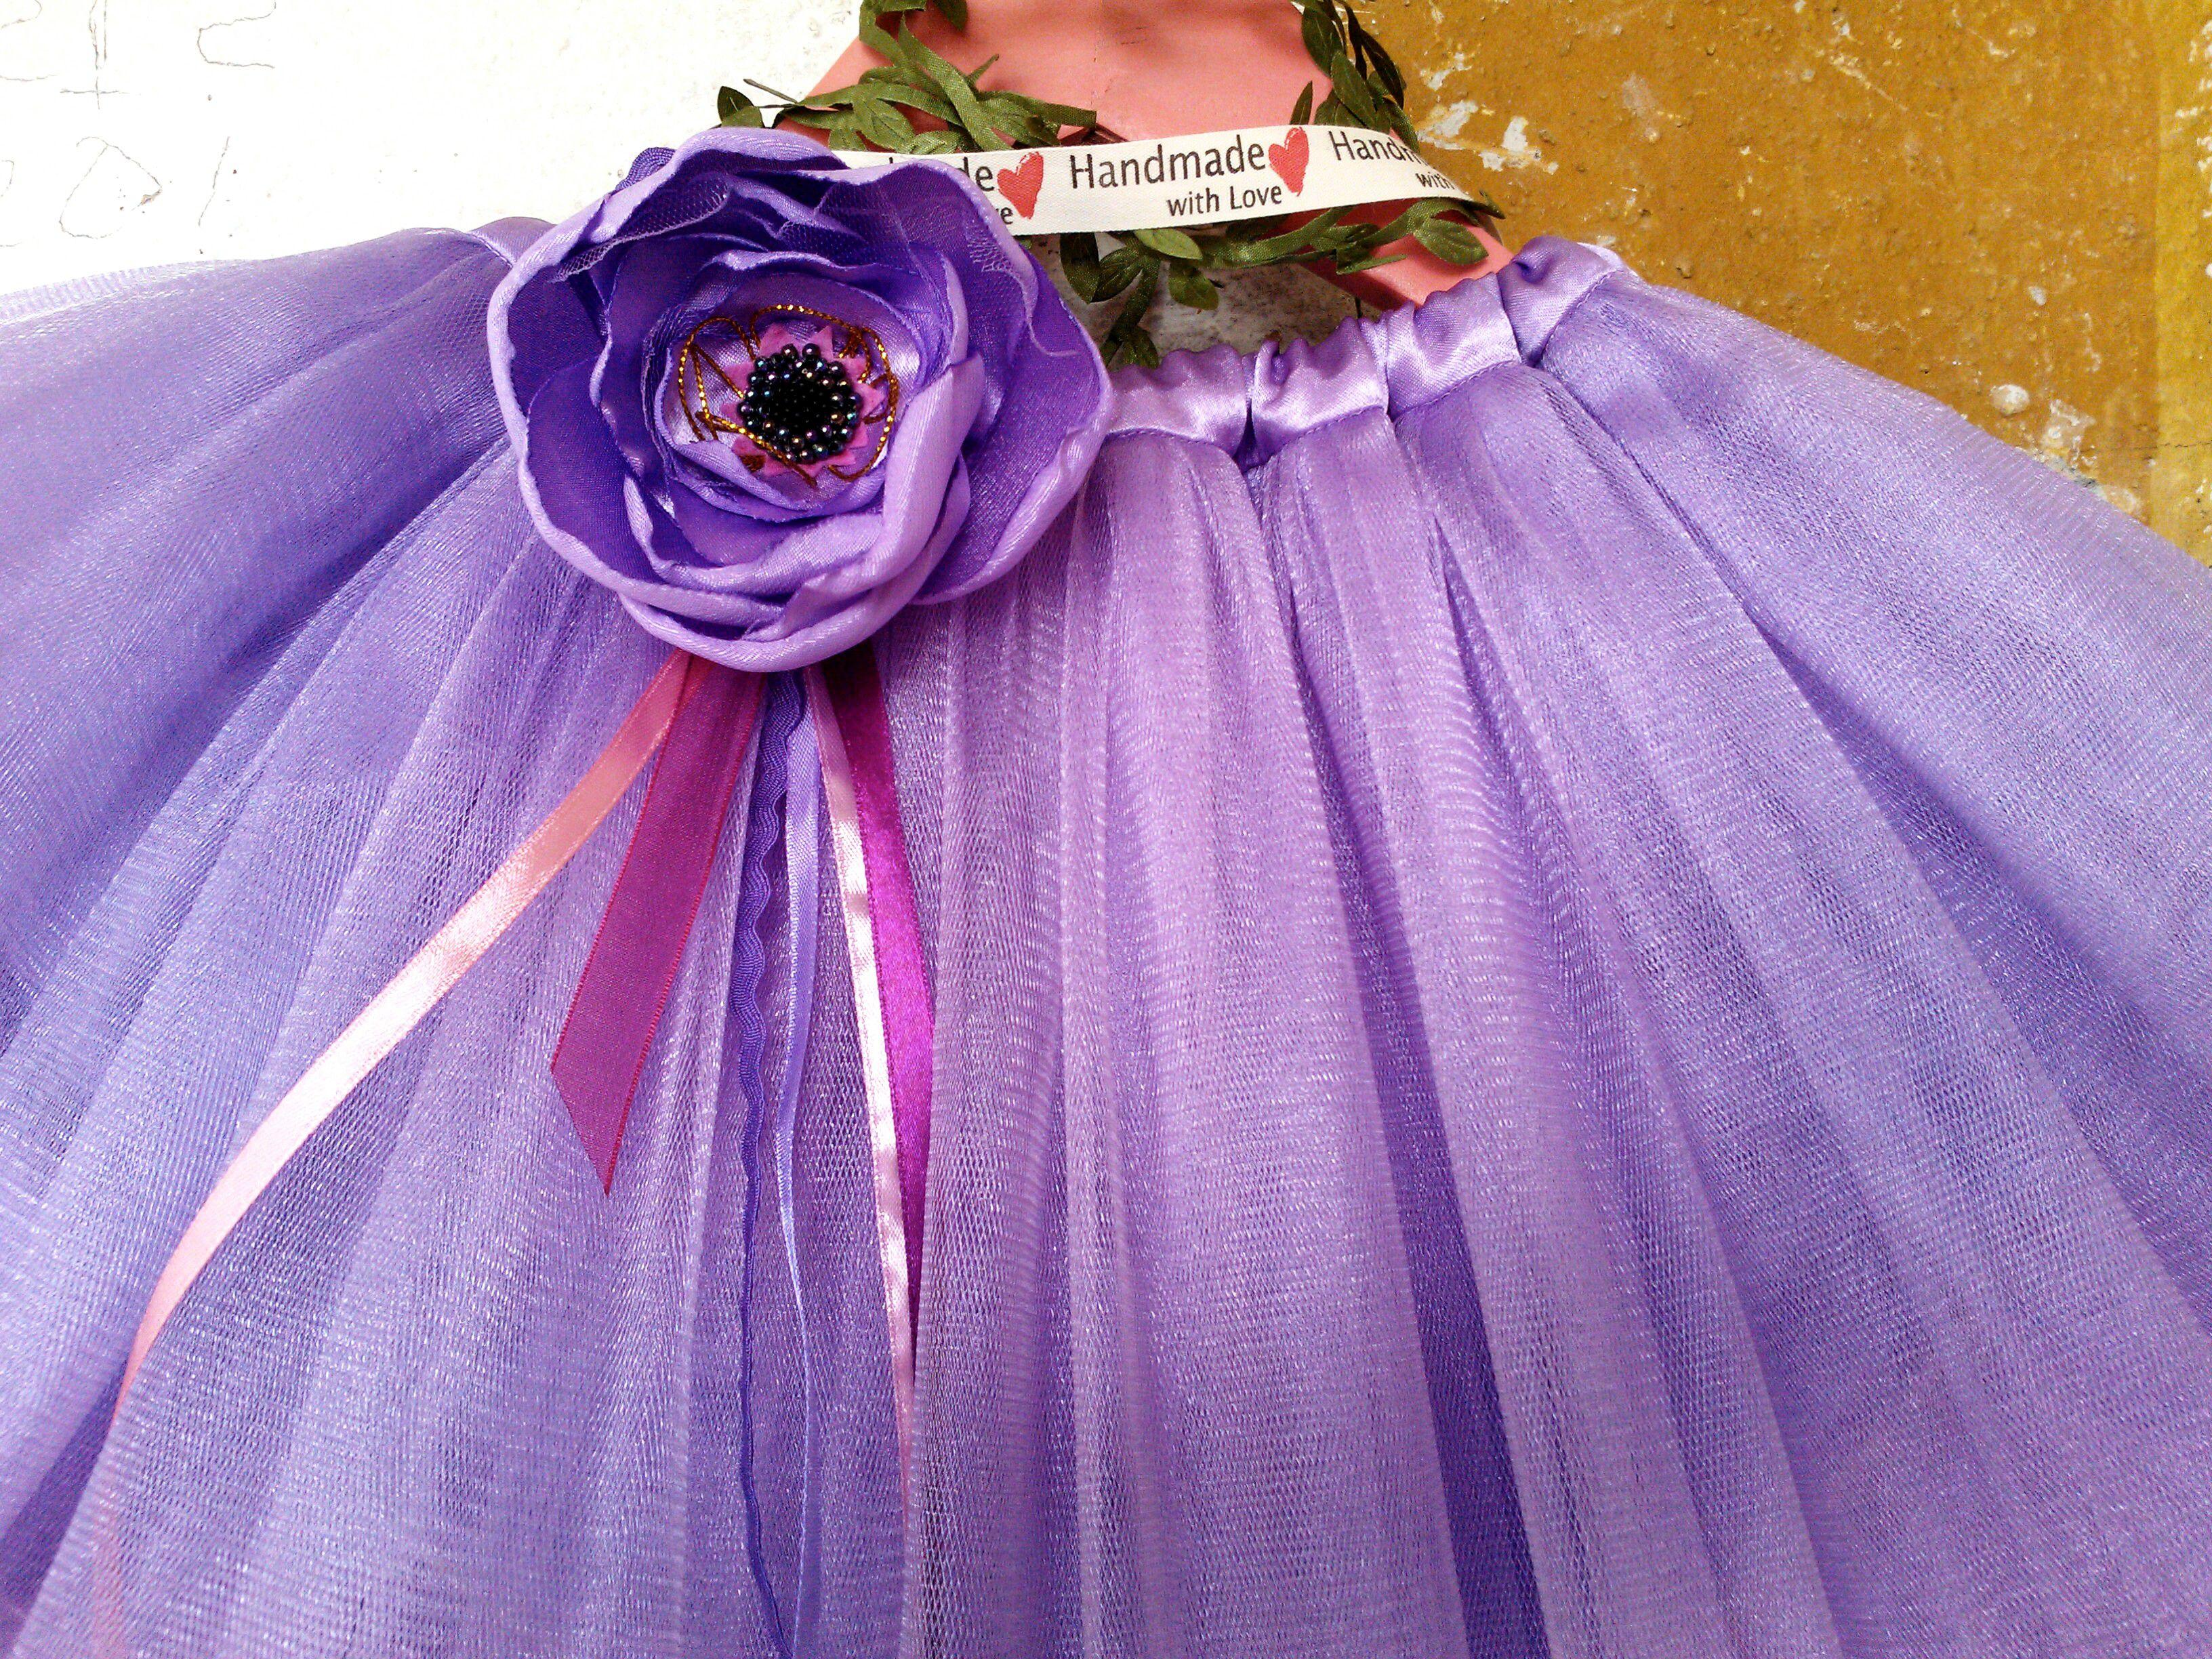 девушка дети девочка новыйгод праздник юбкатуту вечеринка одежда юбкаизфатина